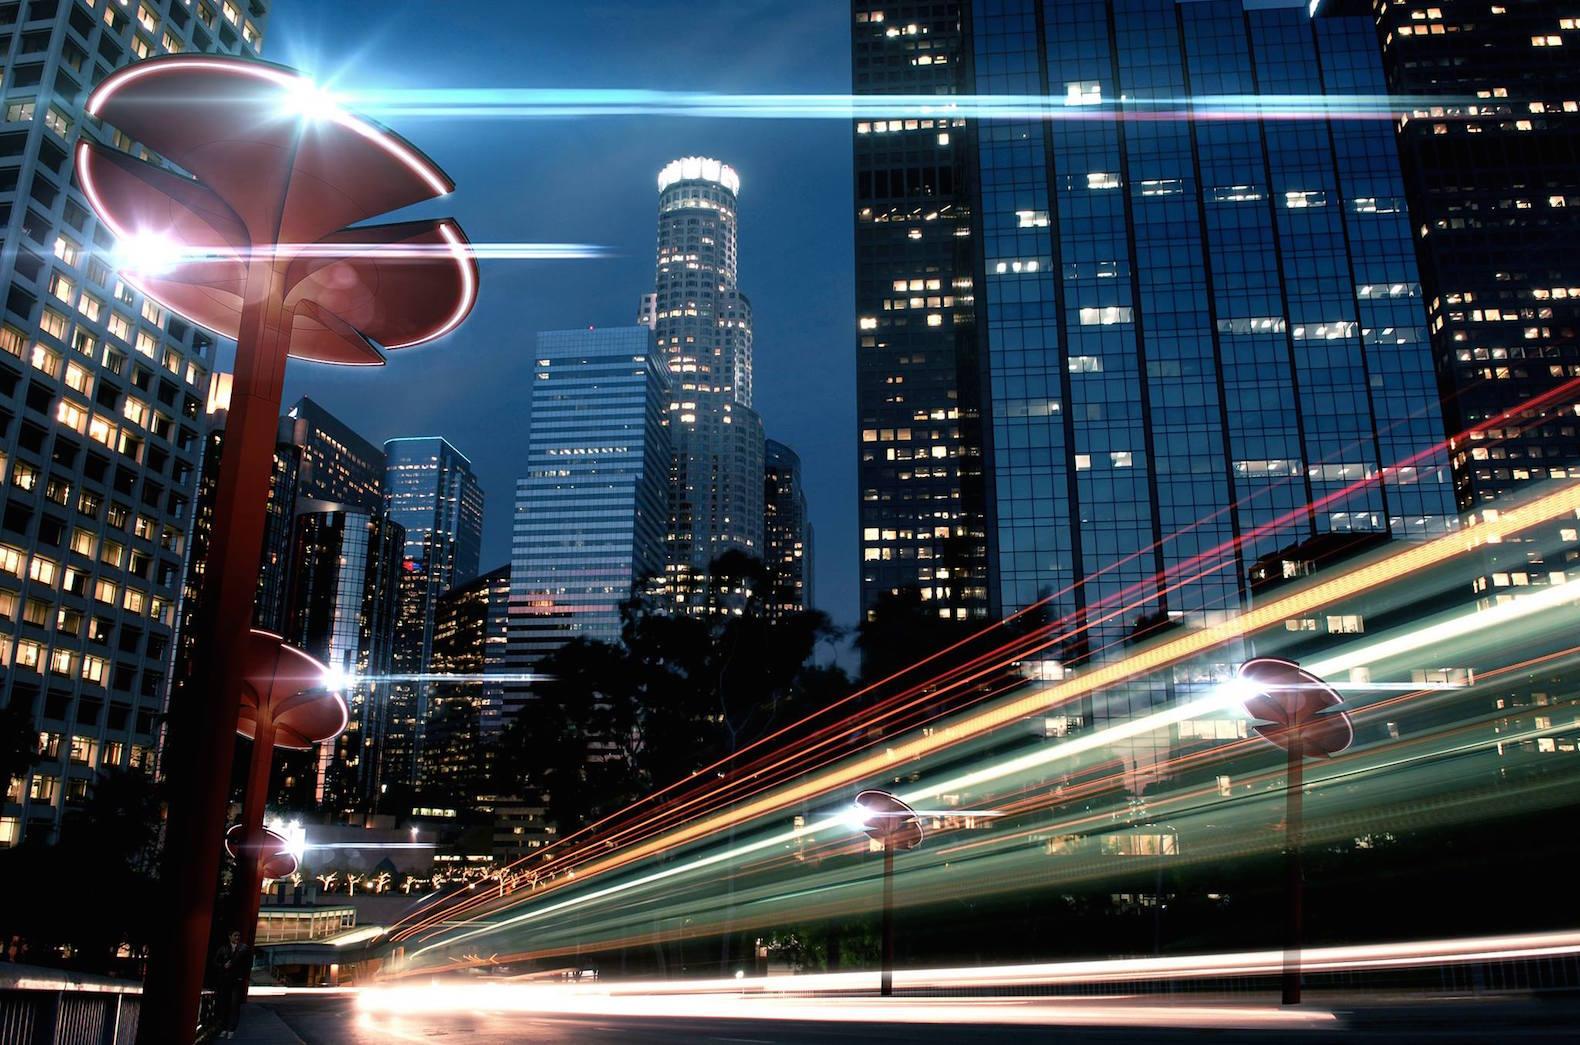 شهری هوشمند و پاک با چراغهای برق پیشرفته